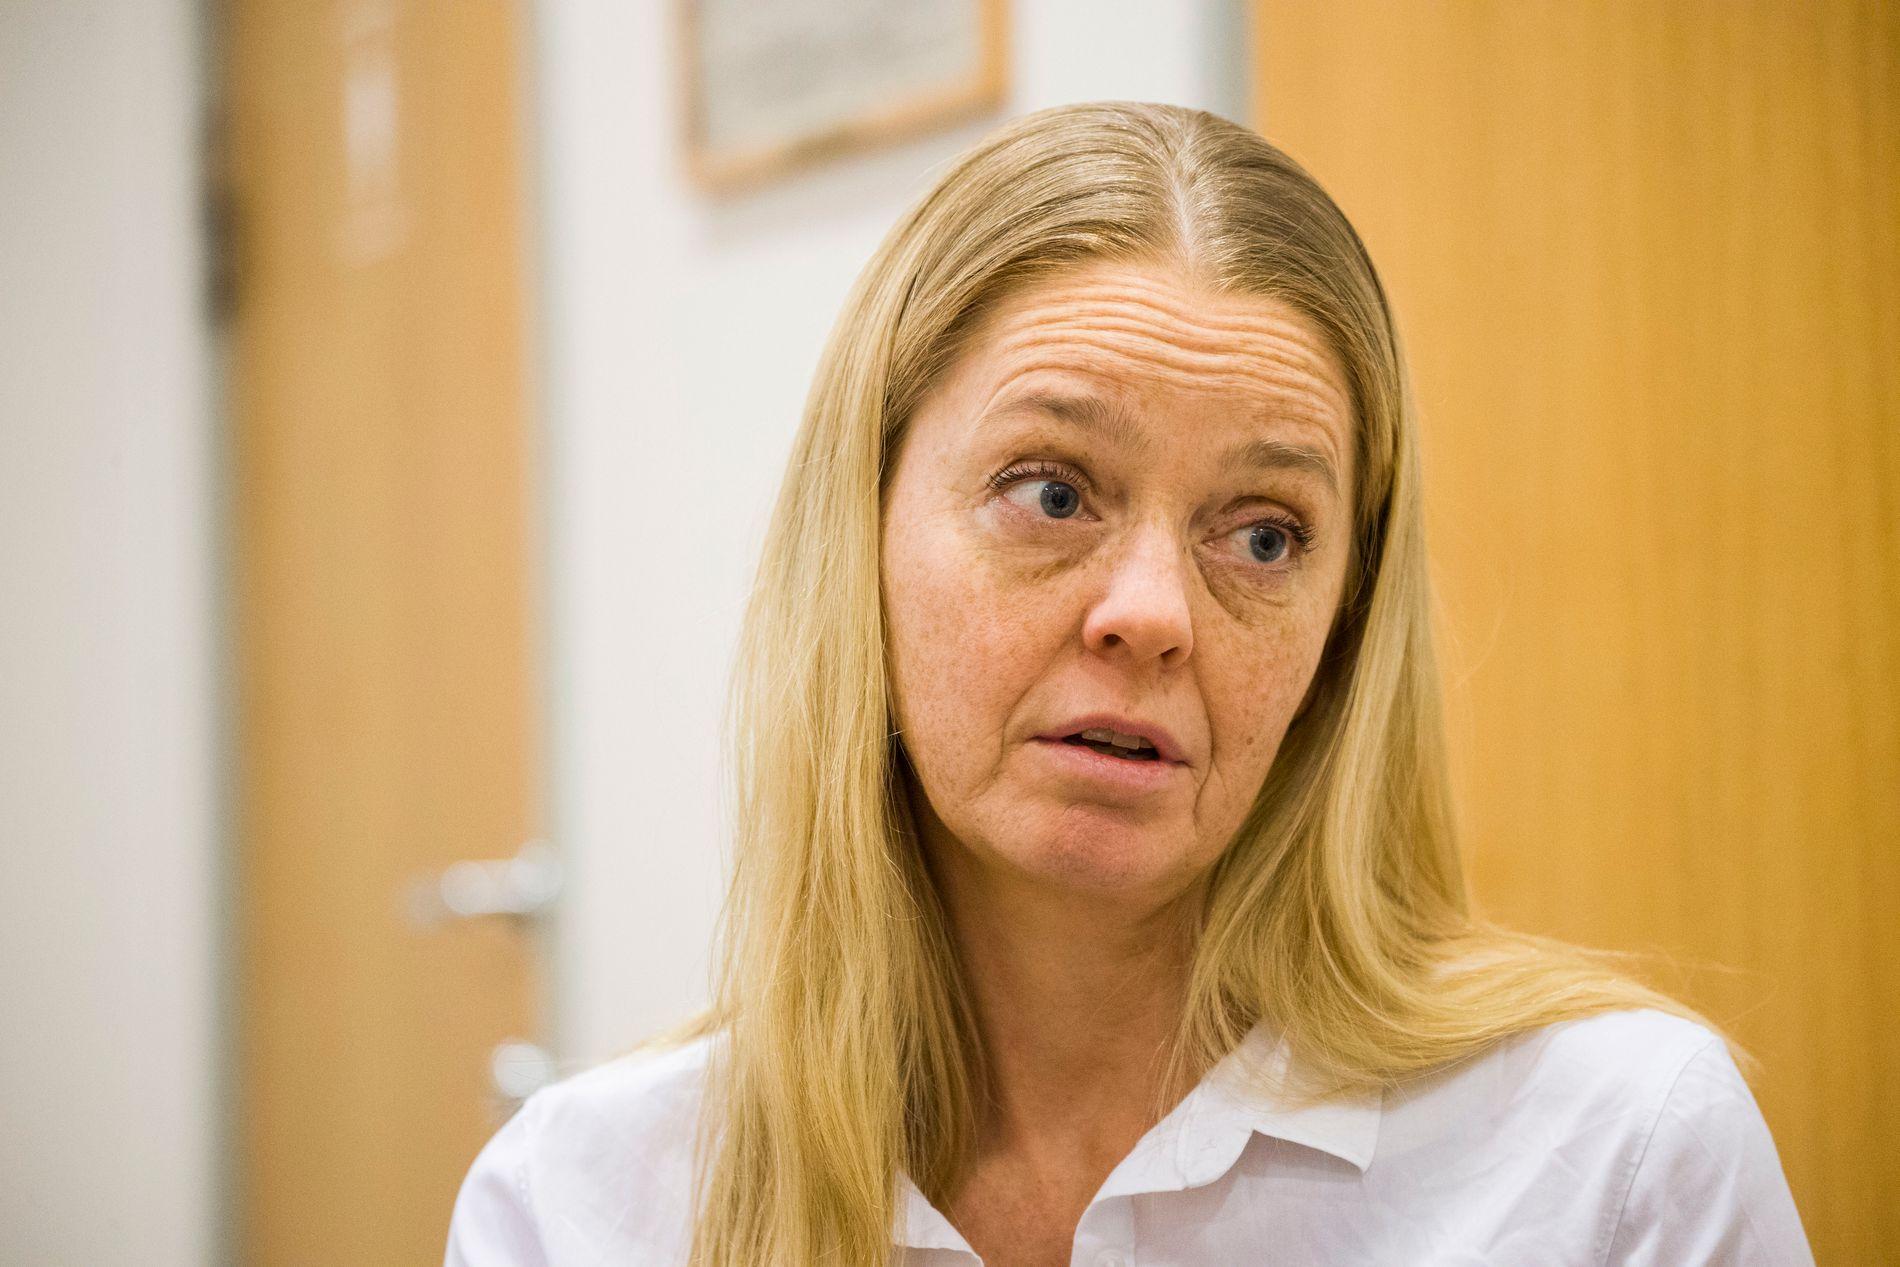 UTFORDRER: Advokat Ann Helen Aarø mener politiet bør revurdere ressursene sine, og åpne etterforskning mot Addictologi Akademiet.